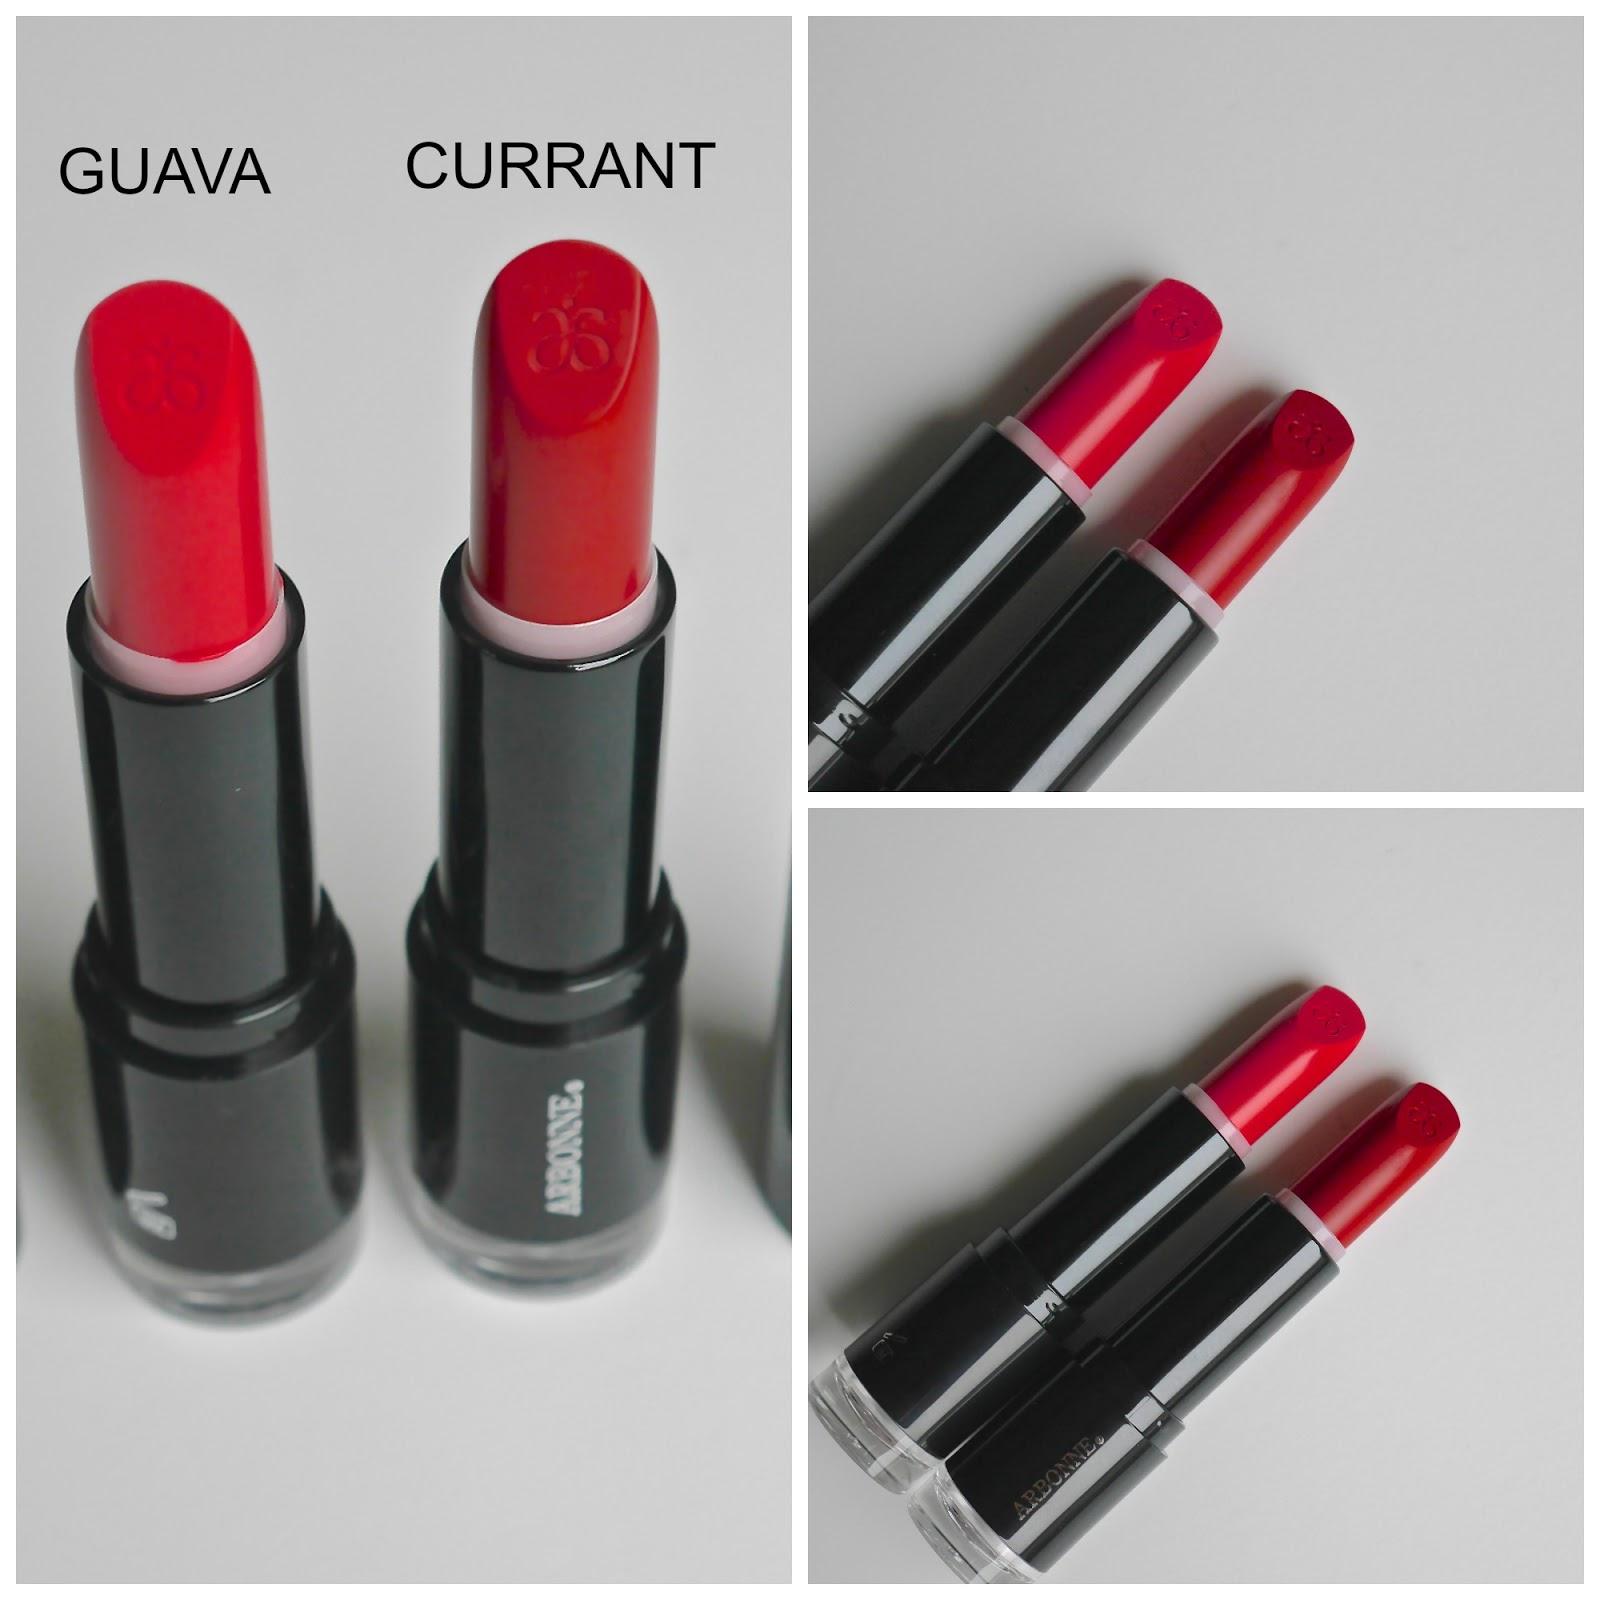 Currant, Guava